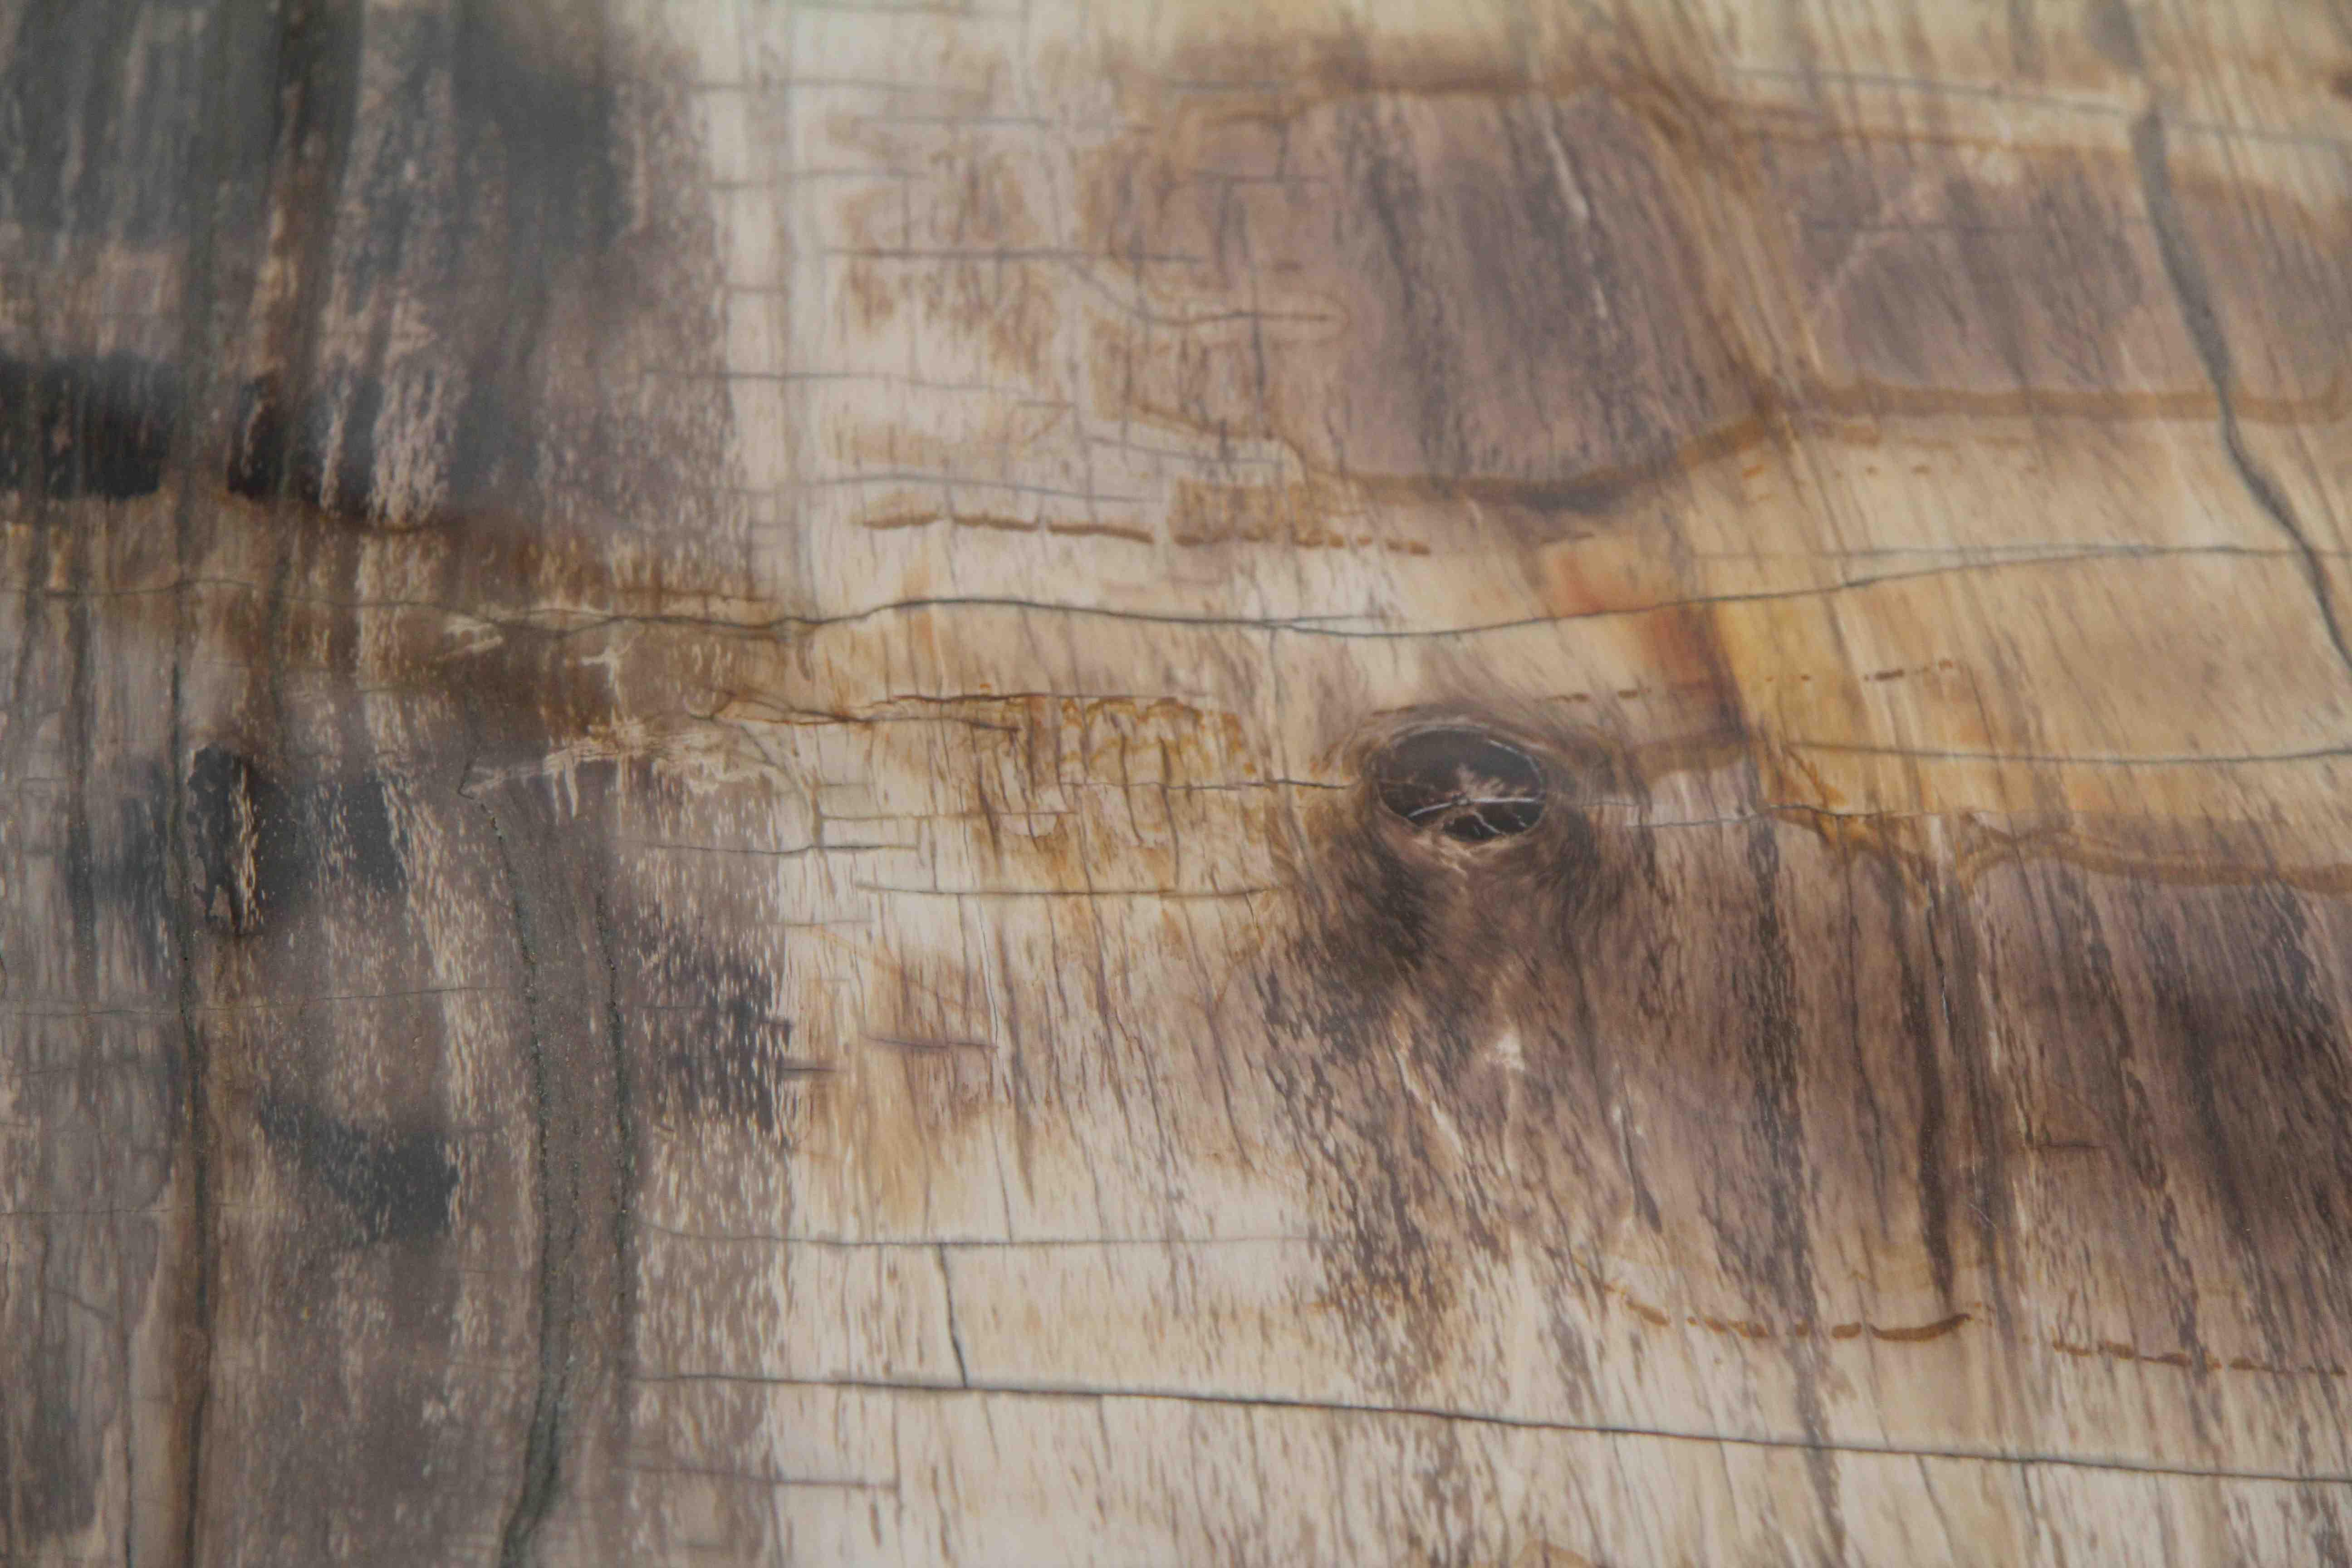 table en bois p trifi gabrielle petrified wood gabrielle esprit art d co vente meubles art. Black Bedroom Furniture Sets. Home Design Ideas